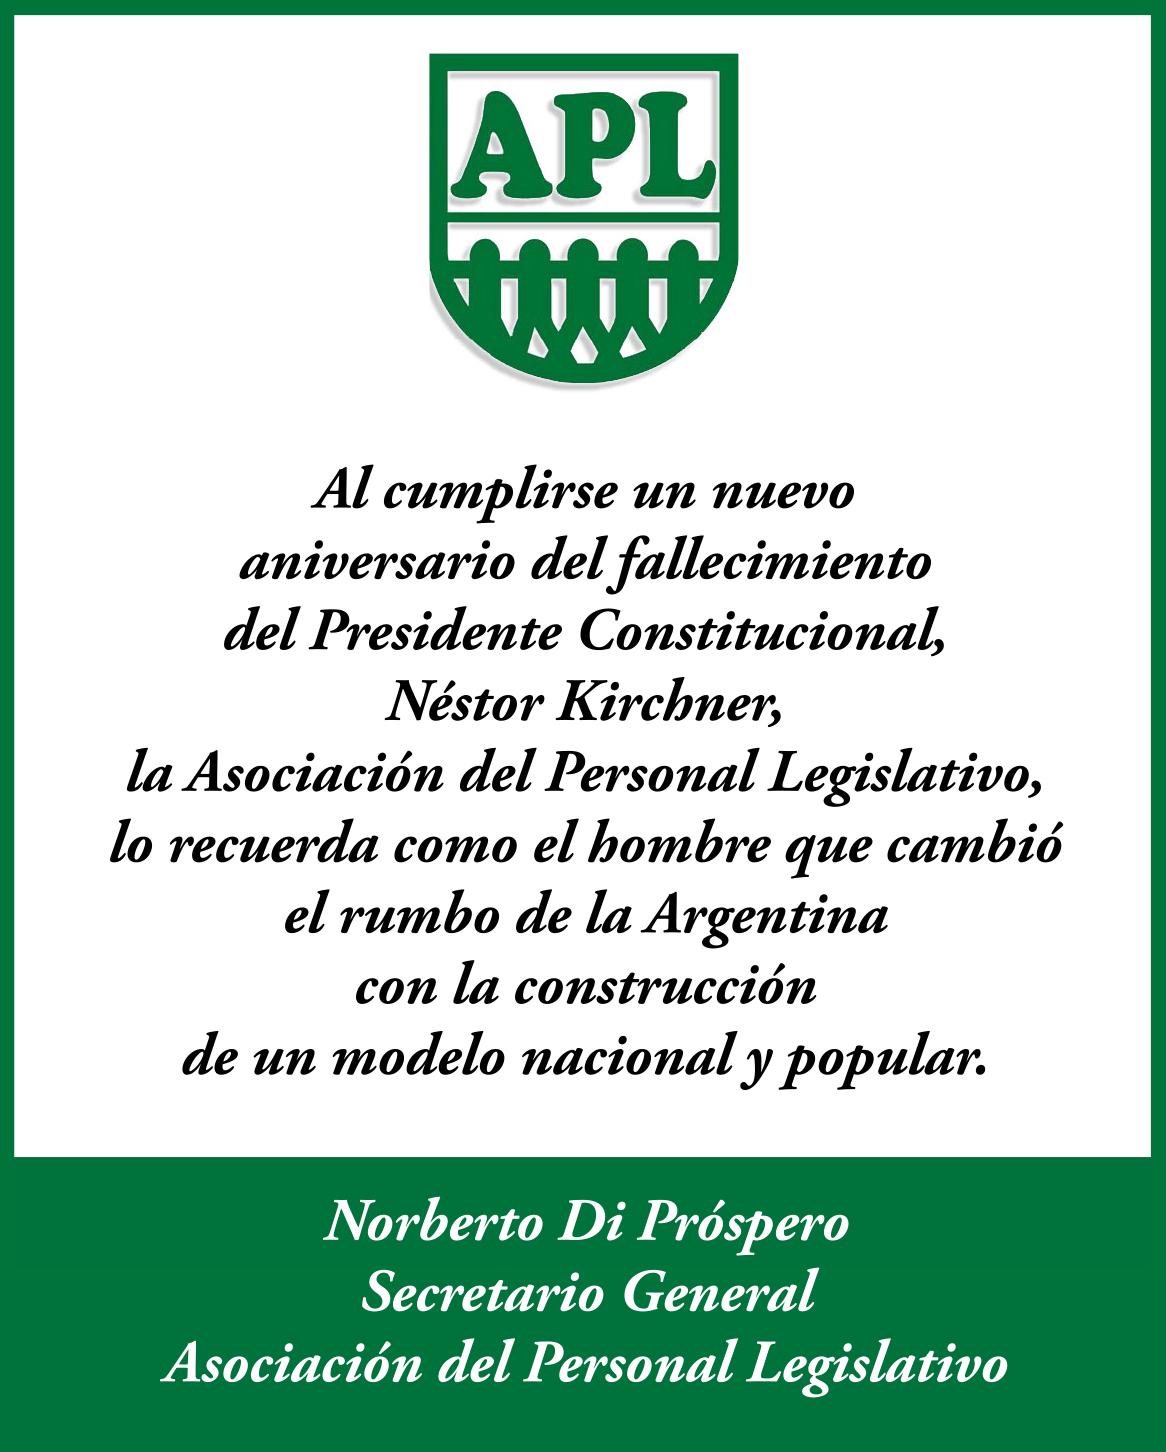 Aniversario del fallecimiento de Nestor Kirchner